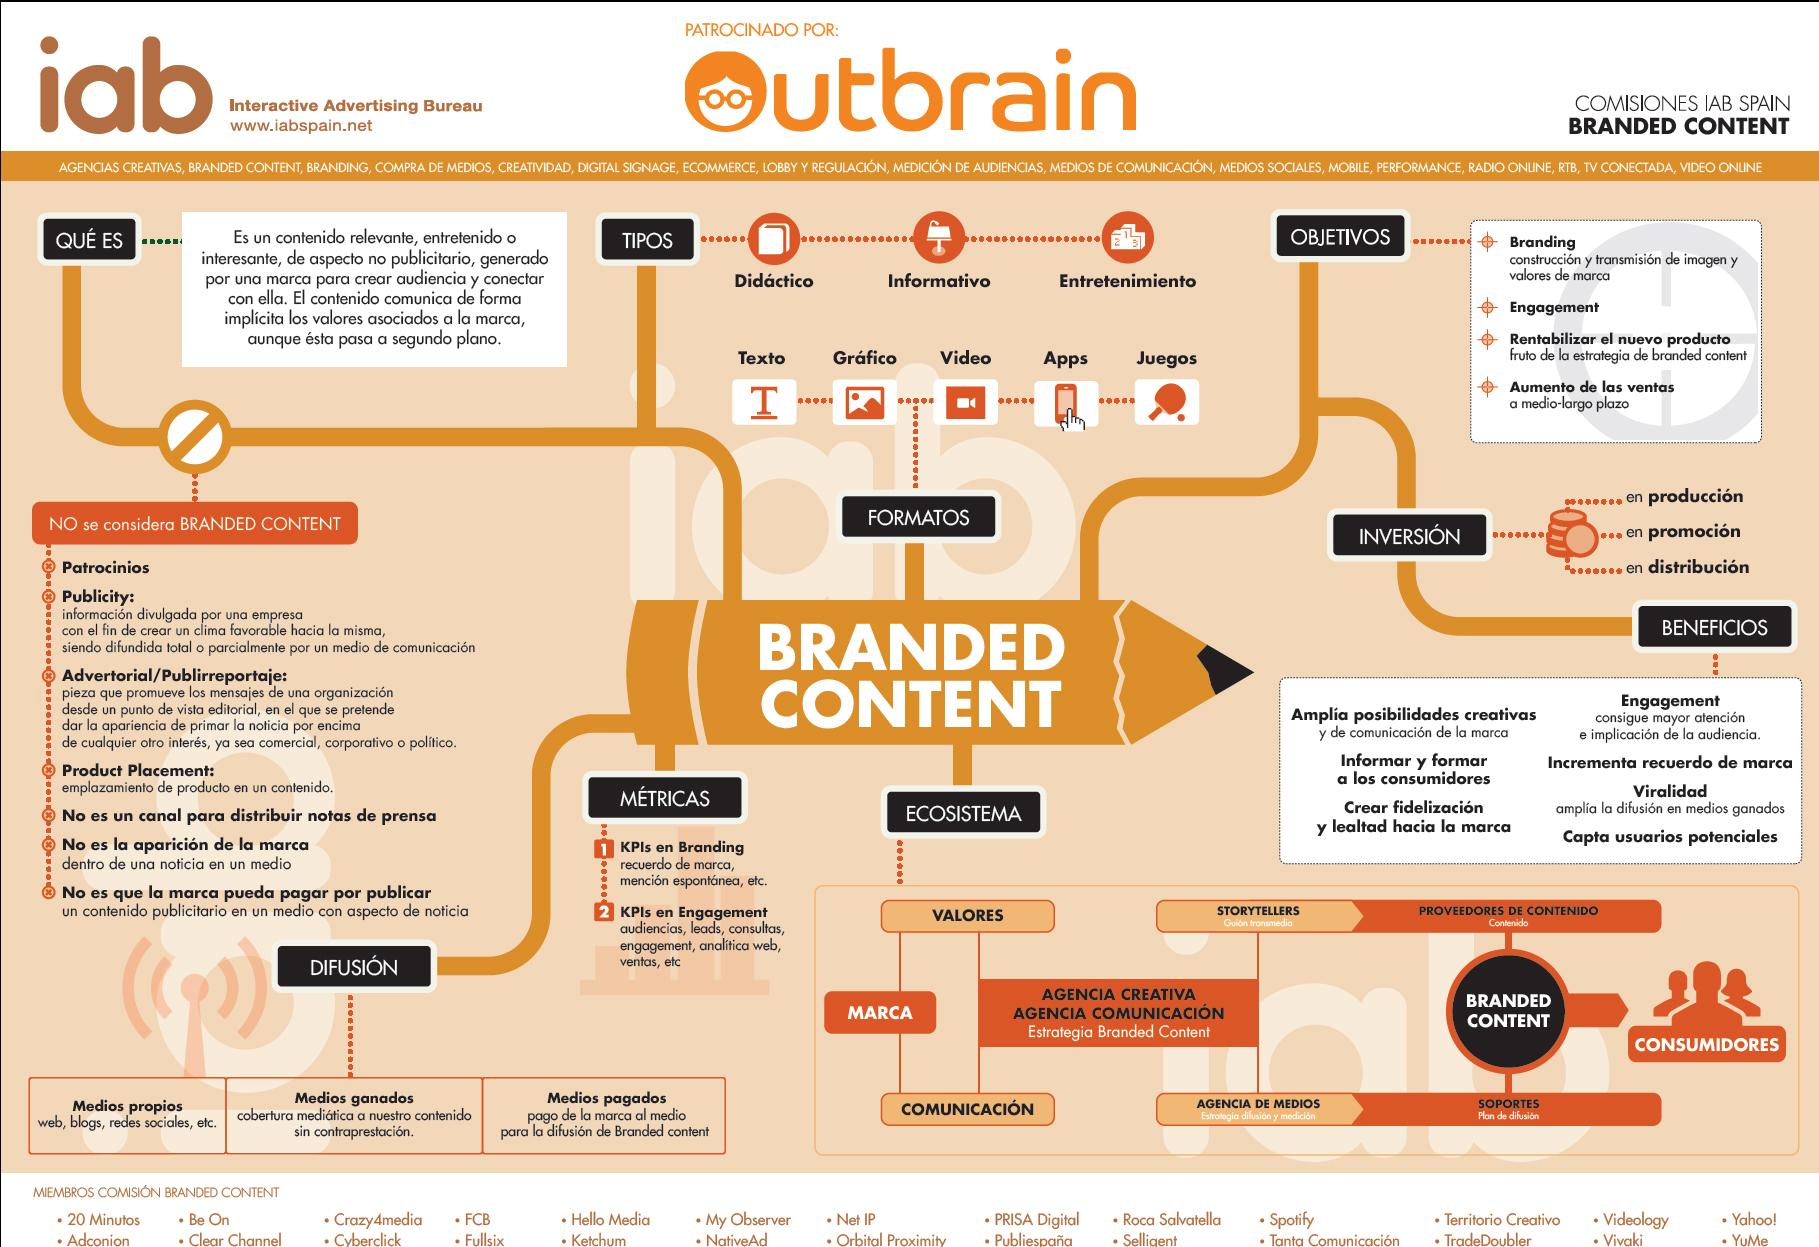 Cómo medir una campaña de branded content